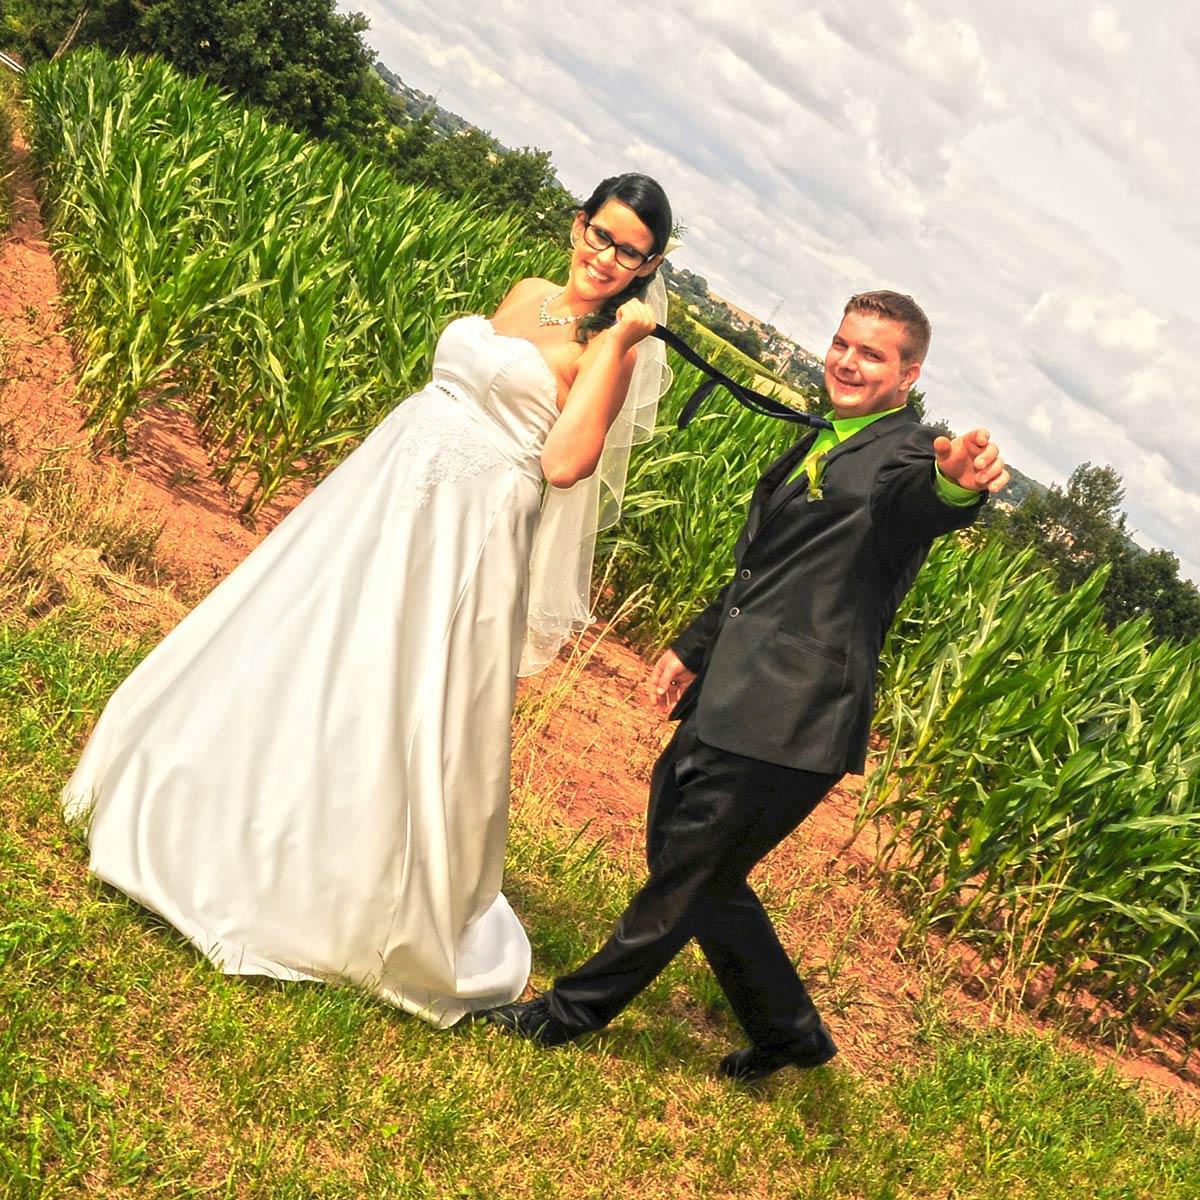 Hochzeit_Außen-Kopie-Kopie